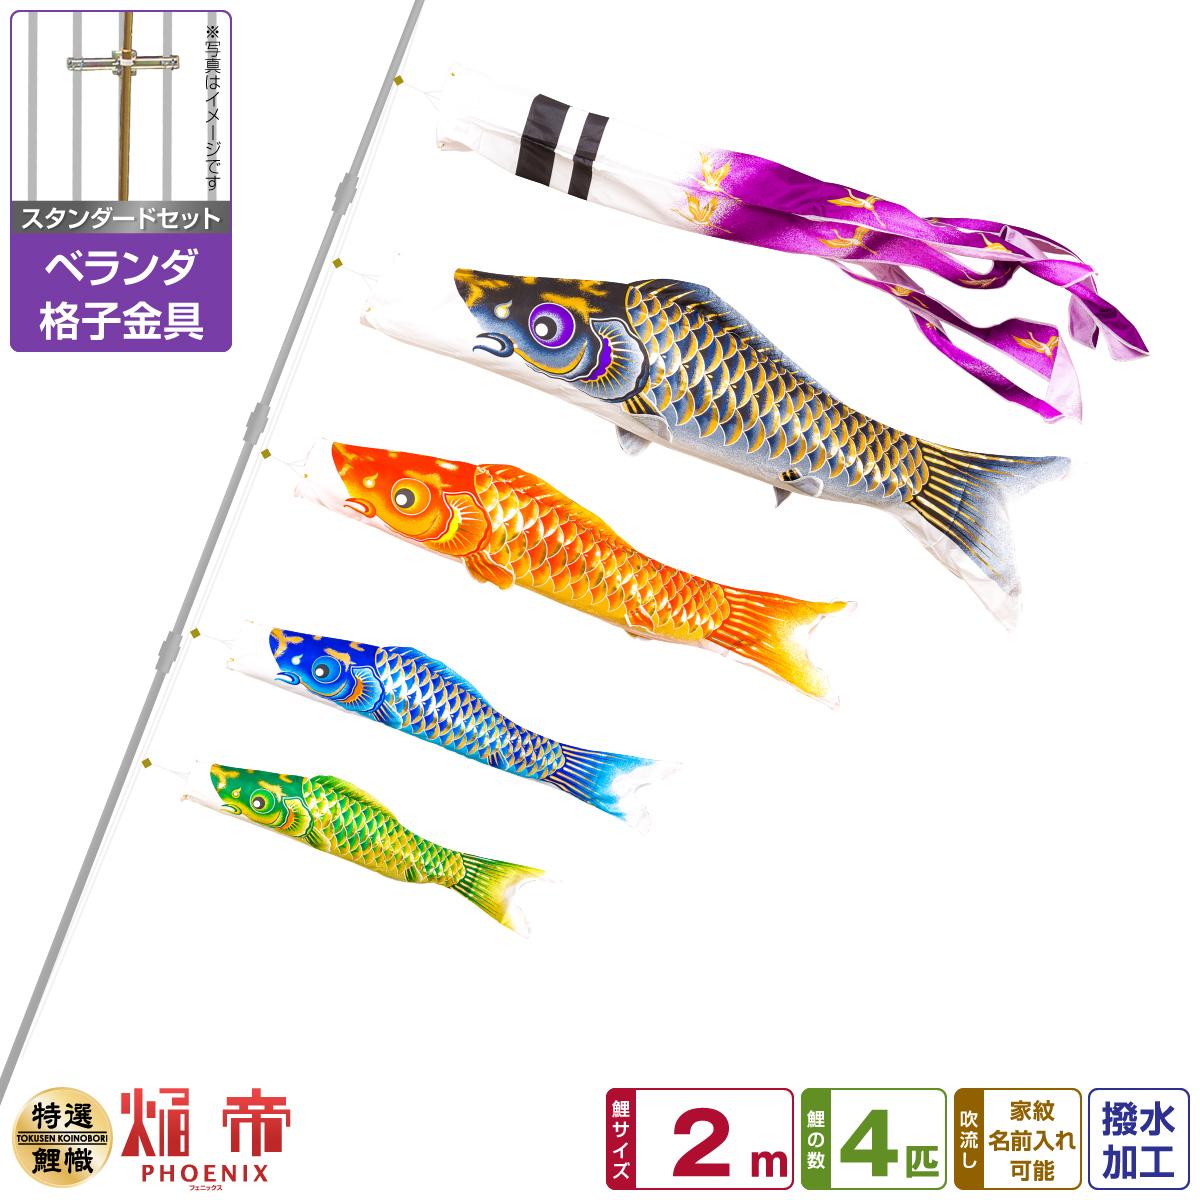 ベランダ用 こいのぼり 鯉のぼり 焔帝鯉フェニックス 2m 7点(吹流し+鯉4匹+矢車+ロープ)/スタンダードセット(格子金具)